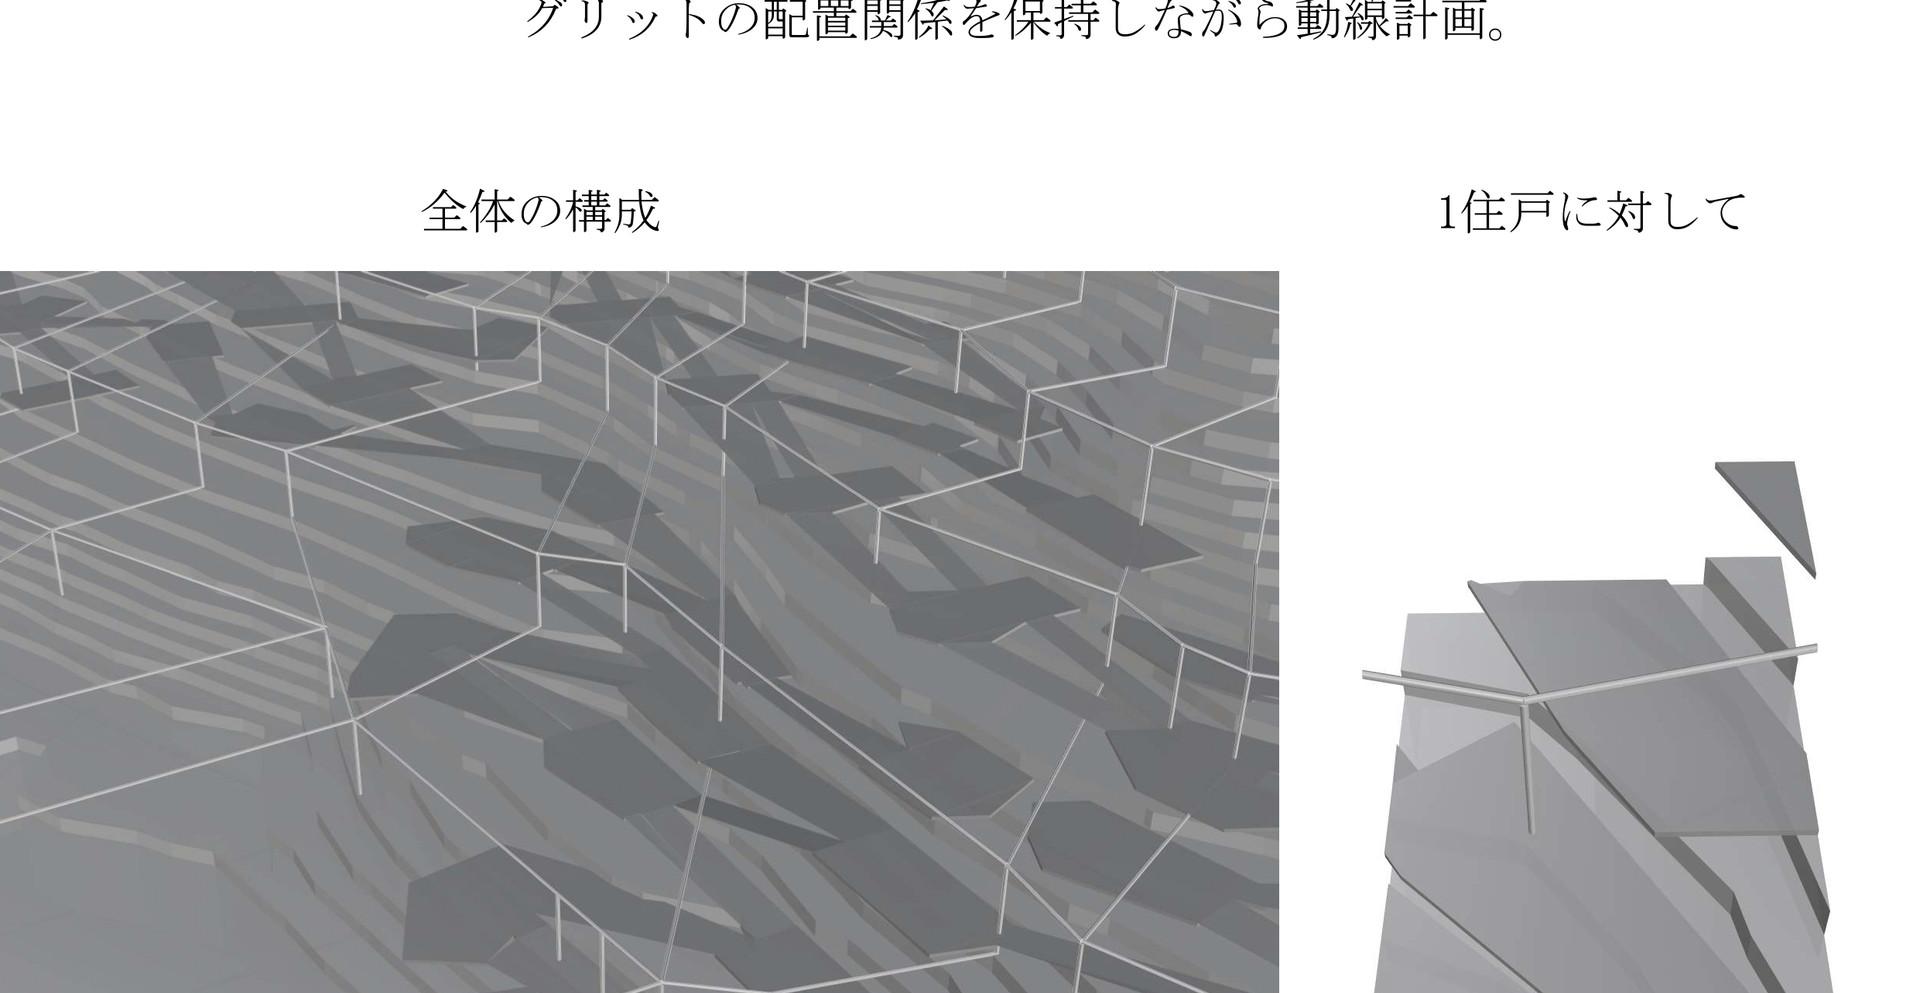 井川日生李 09.jpg